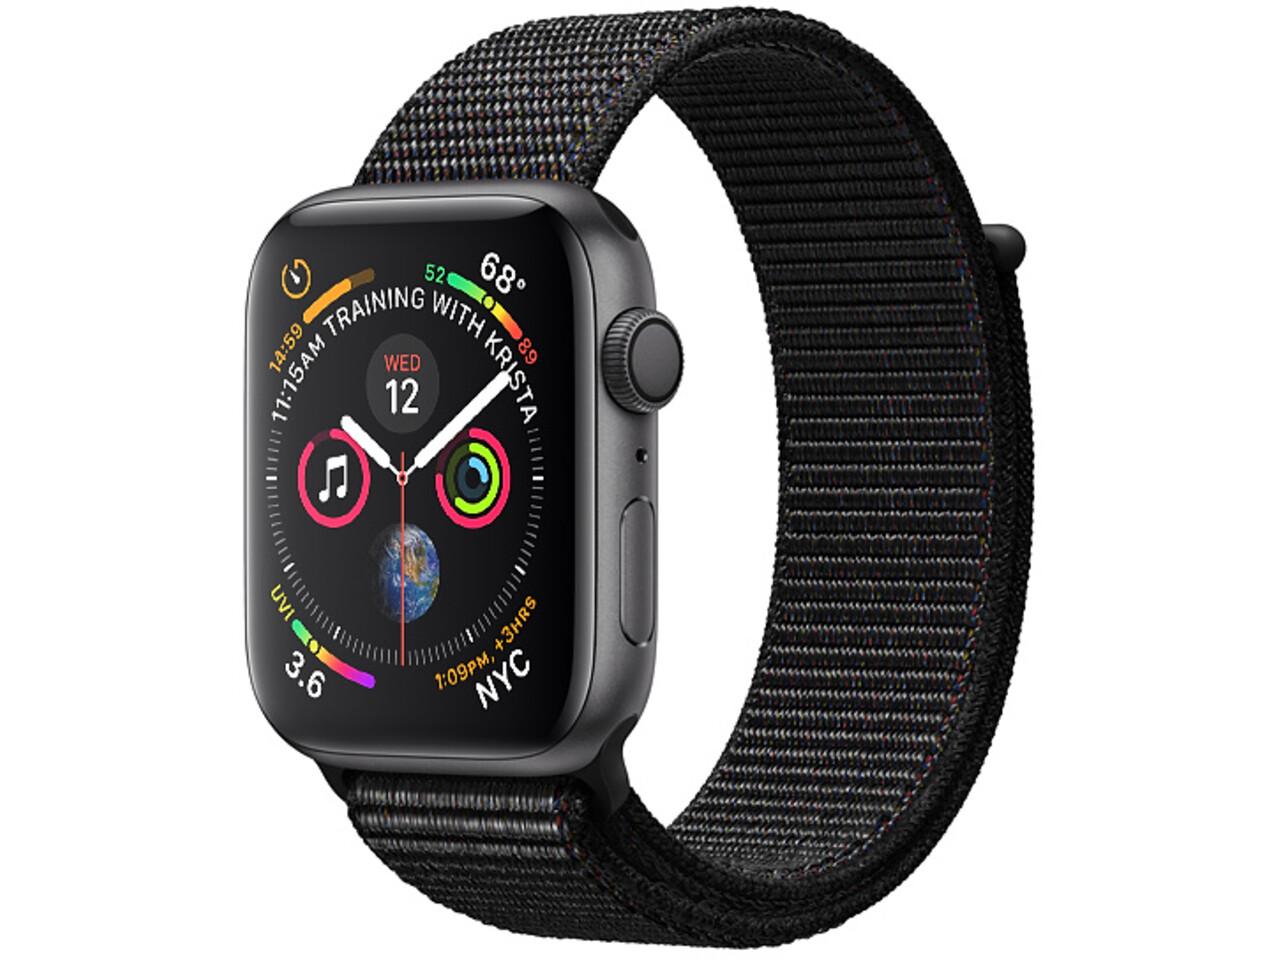 apple watch series 4 44mm space gray aluminum black sport loop